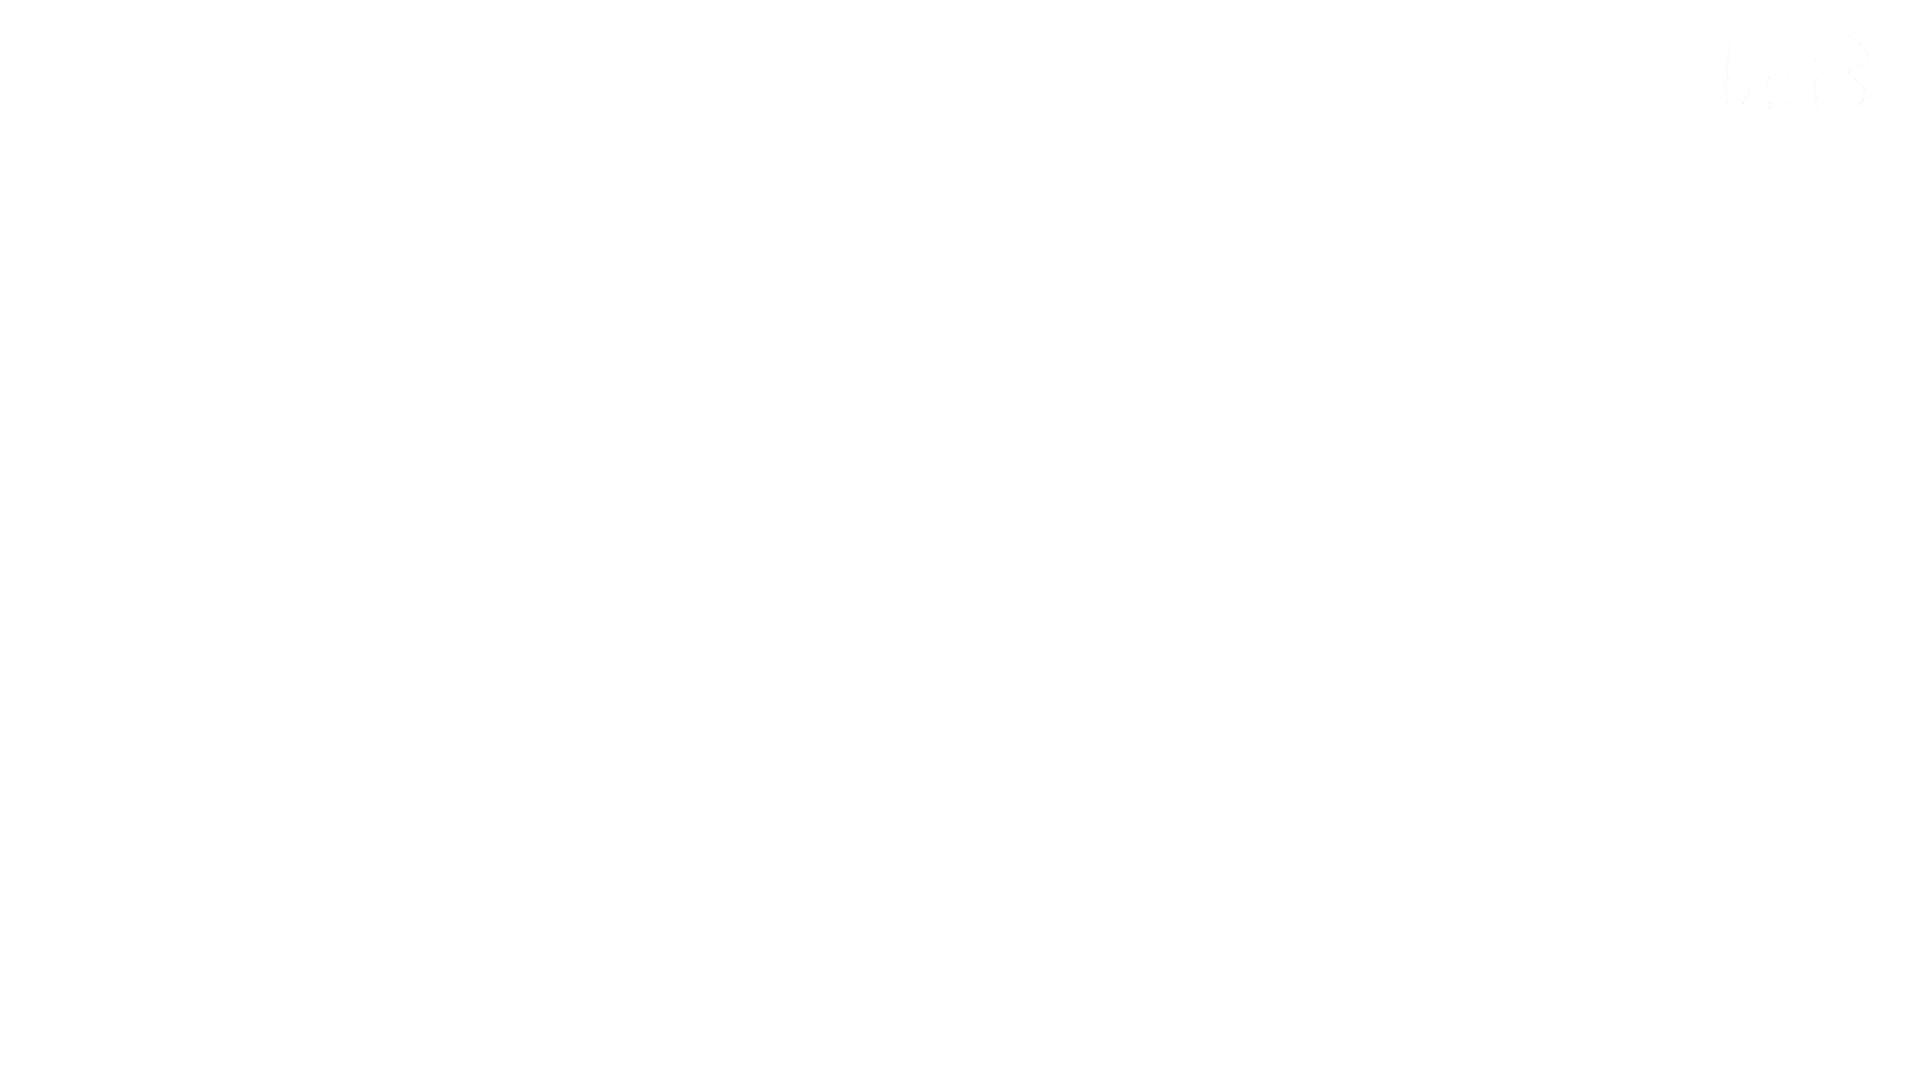 ナースのお小水 vol.003 エロいOL 盗み撮り動画 80枚